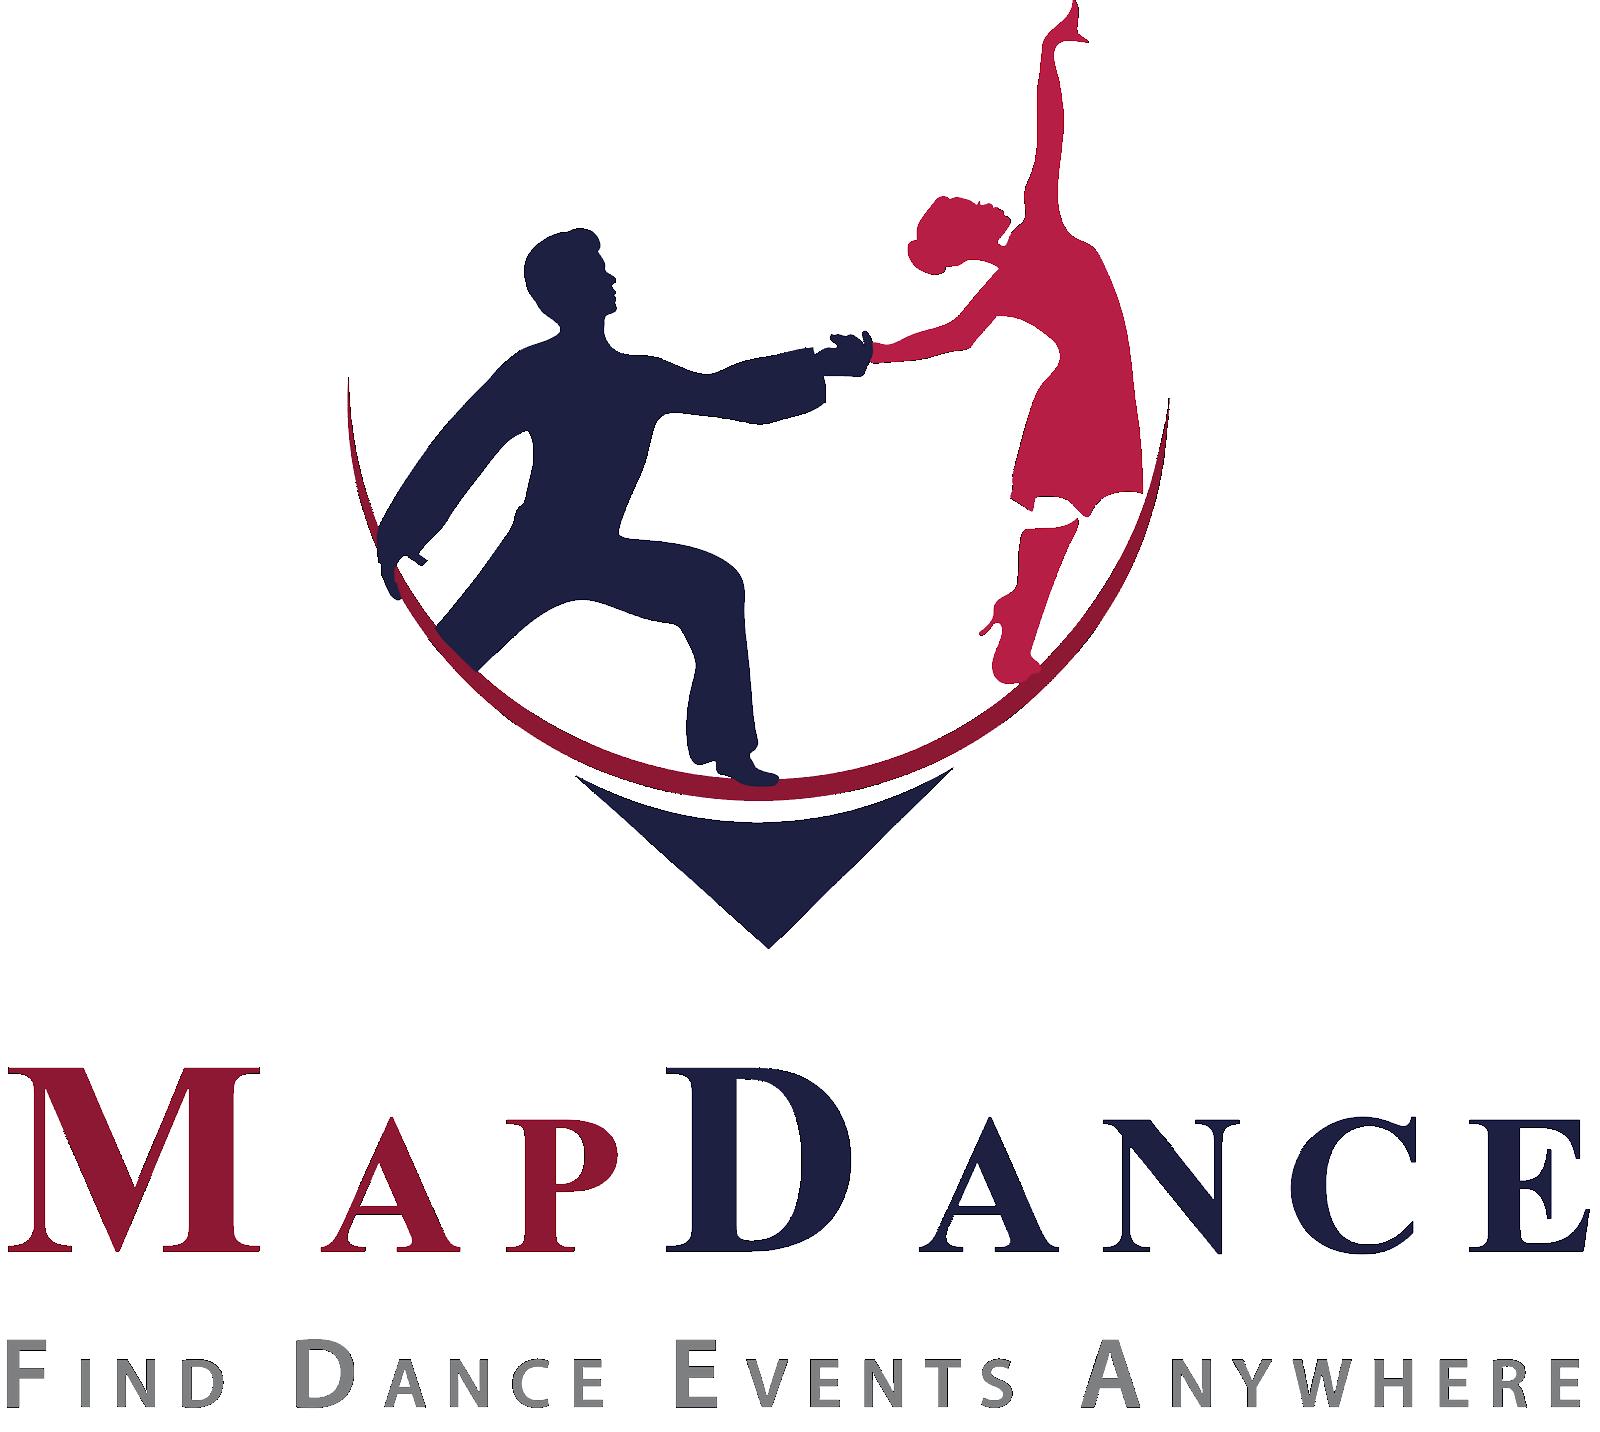 Mapdance